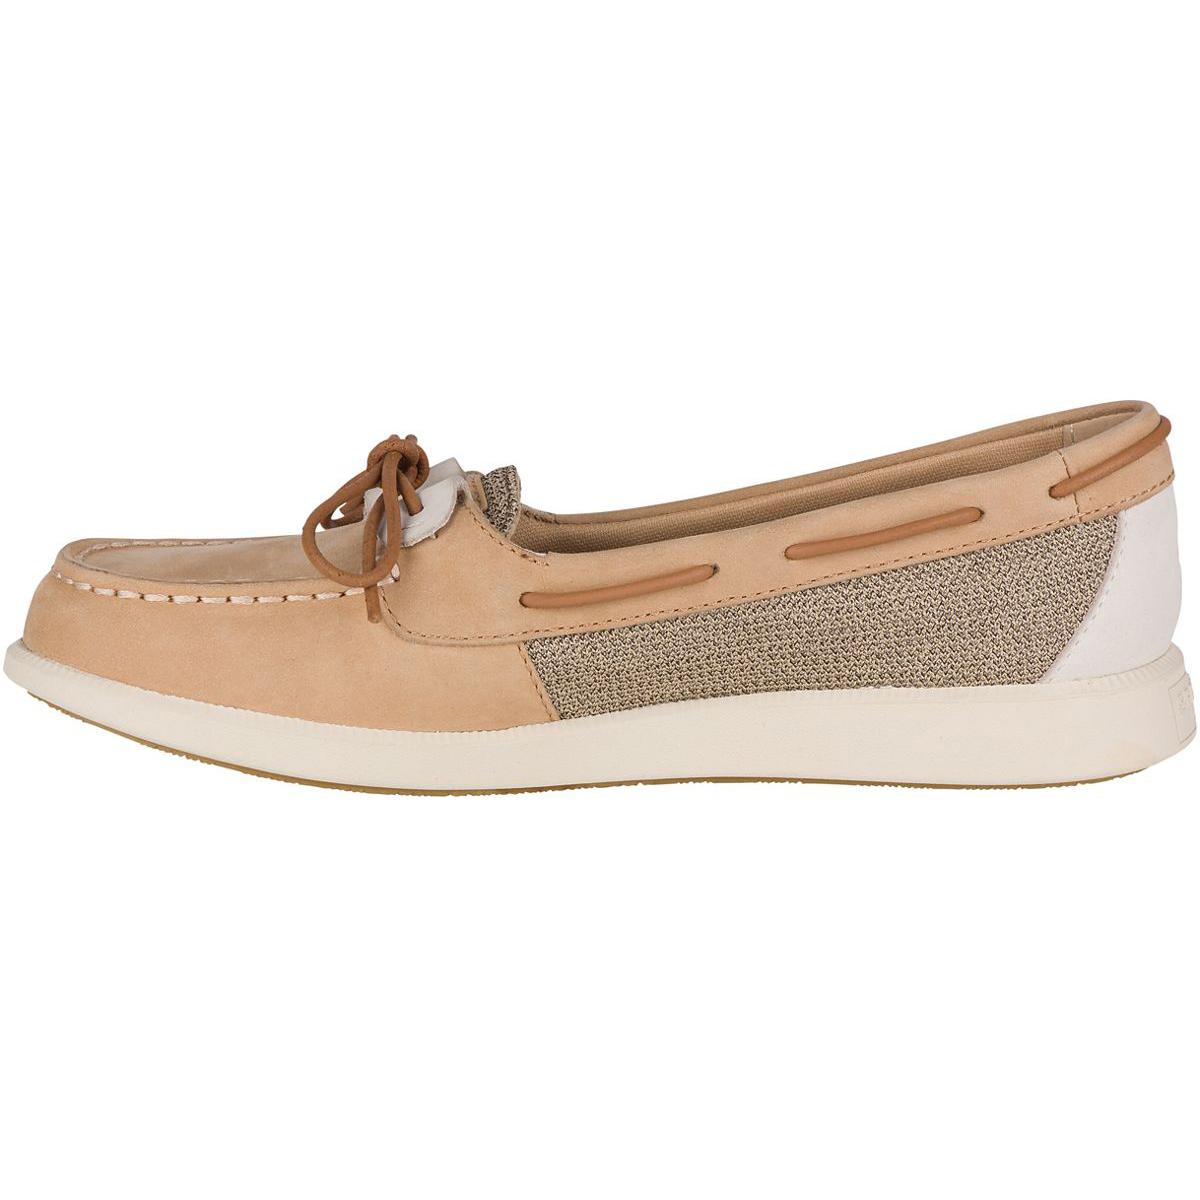 SPERRY Women's Oasis Loft Boat Shoes